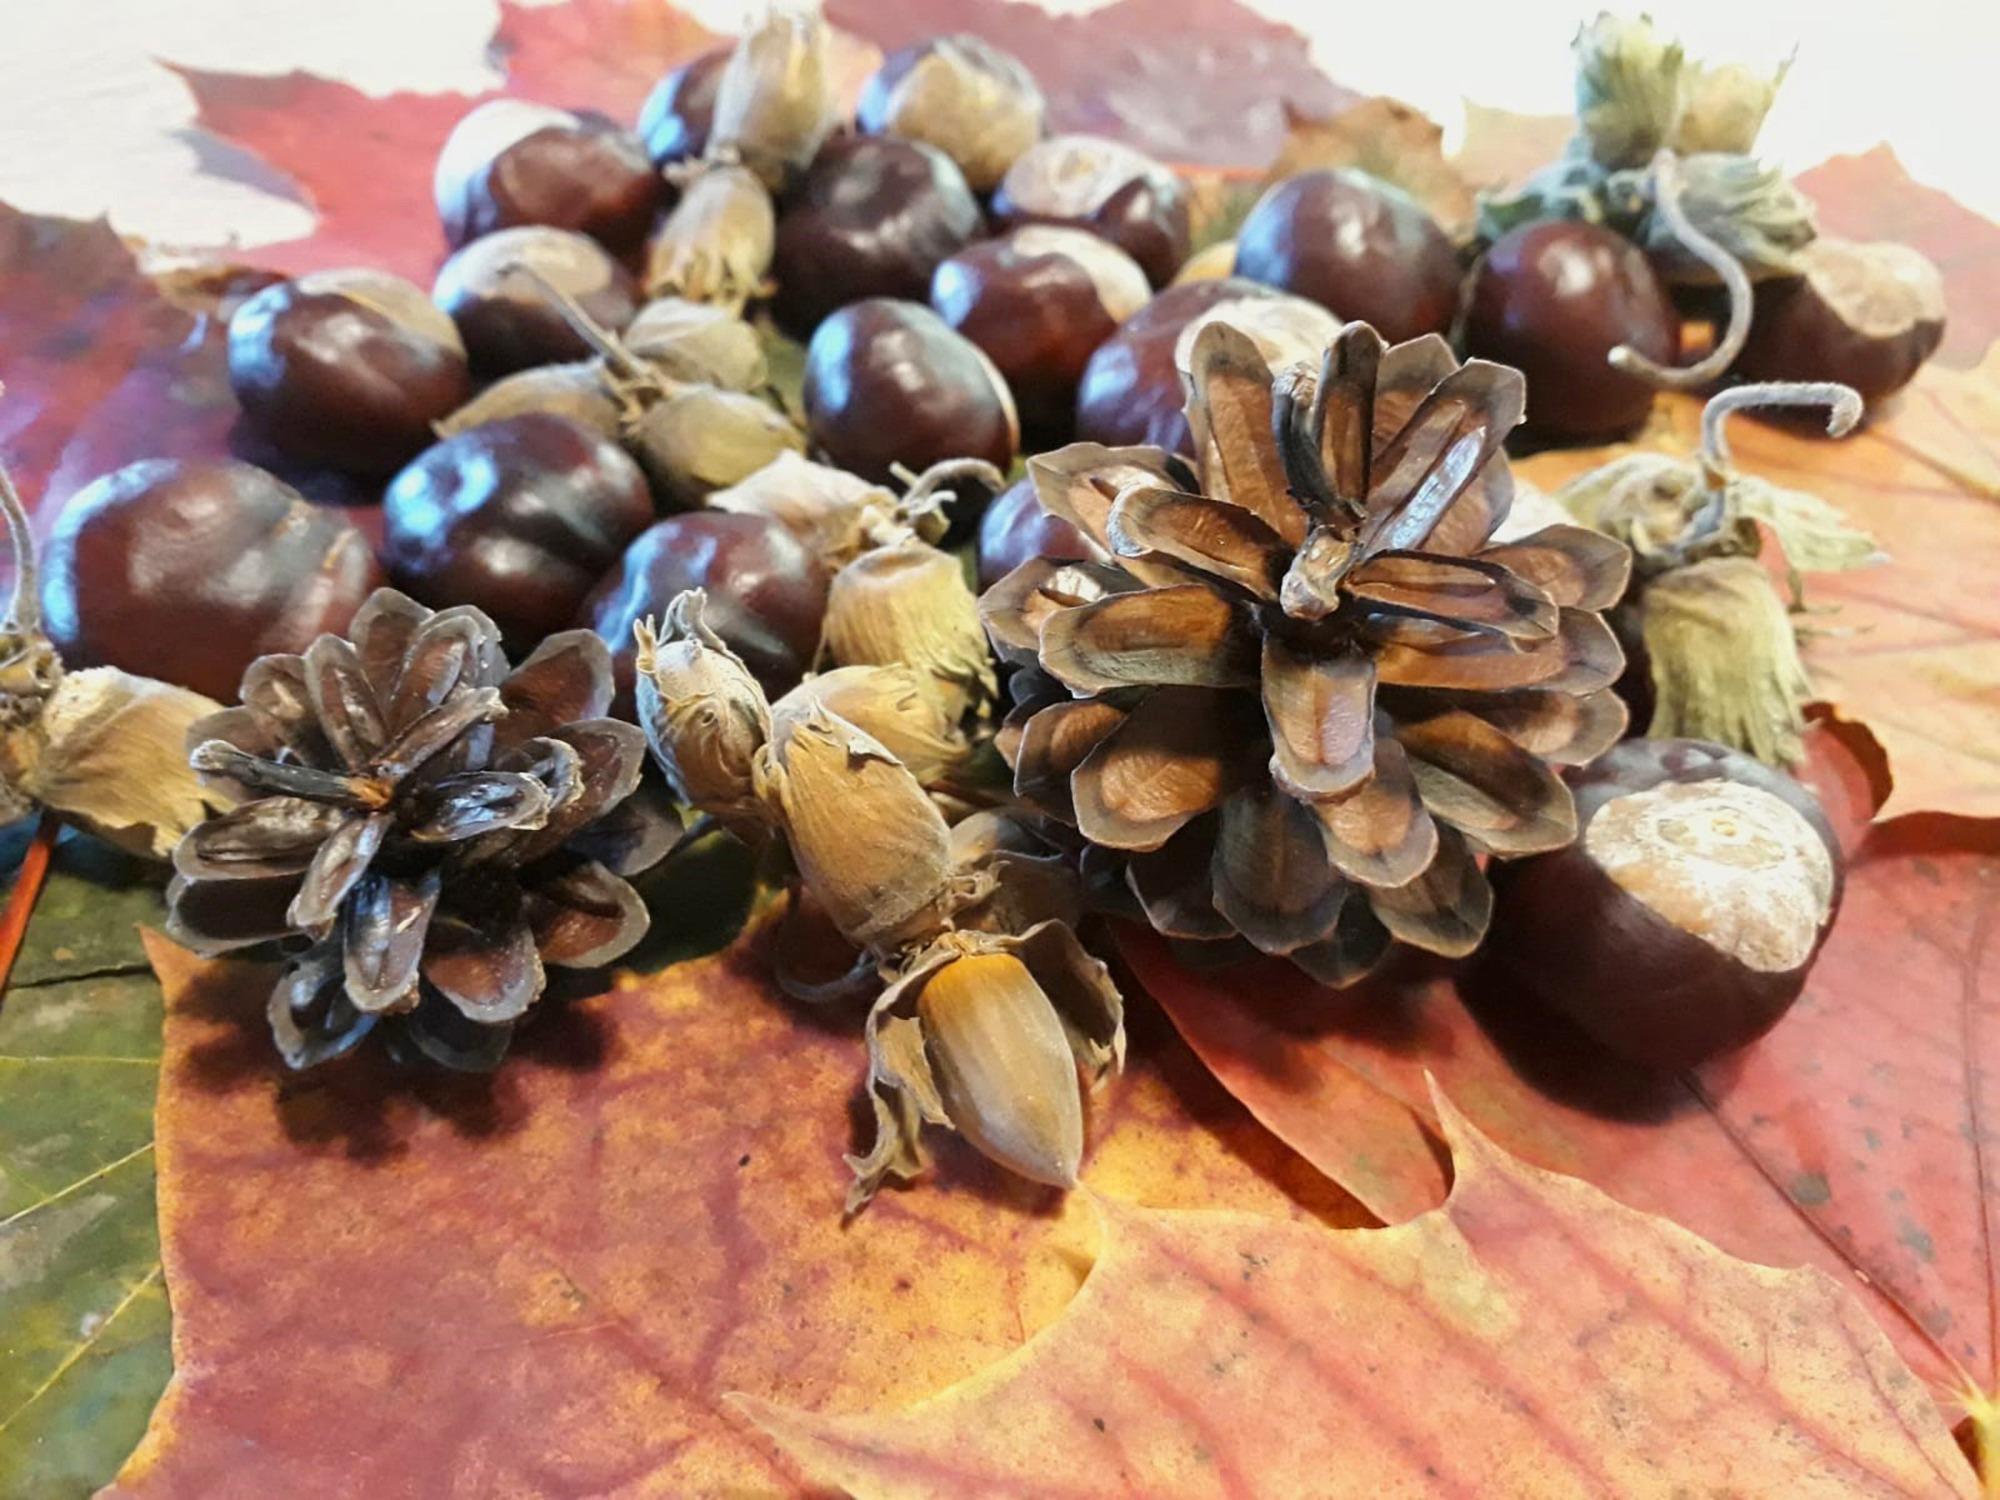 Herbstliches Basteln mit Tannenzapfen, Kastanien & Co.